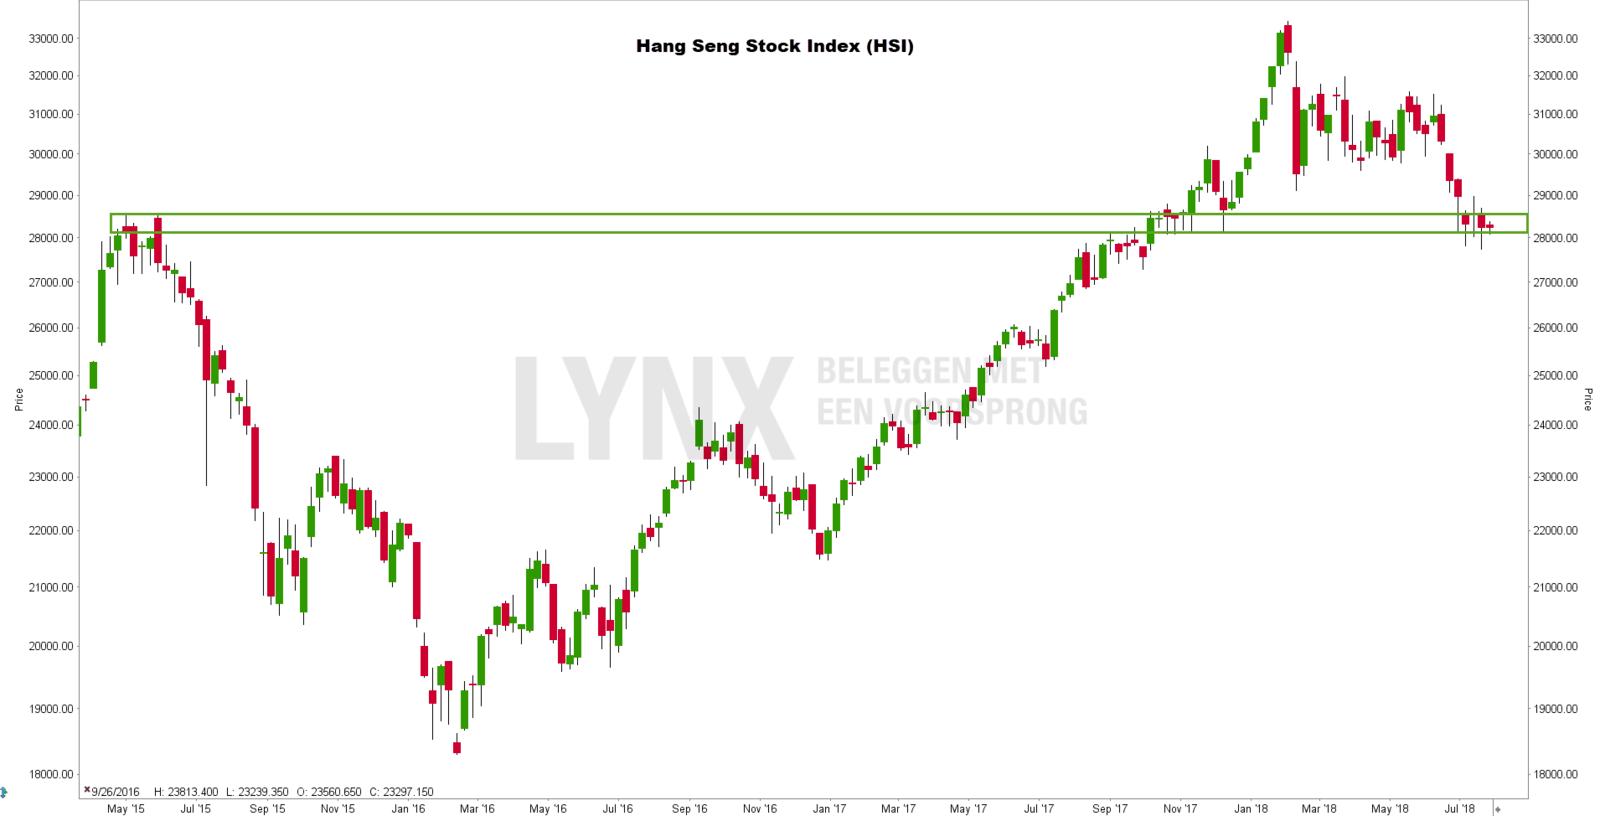 Beste Chinese aandelen: Hang Seng Index